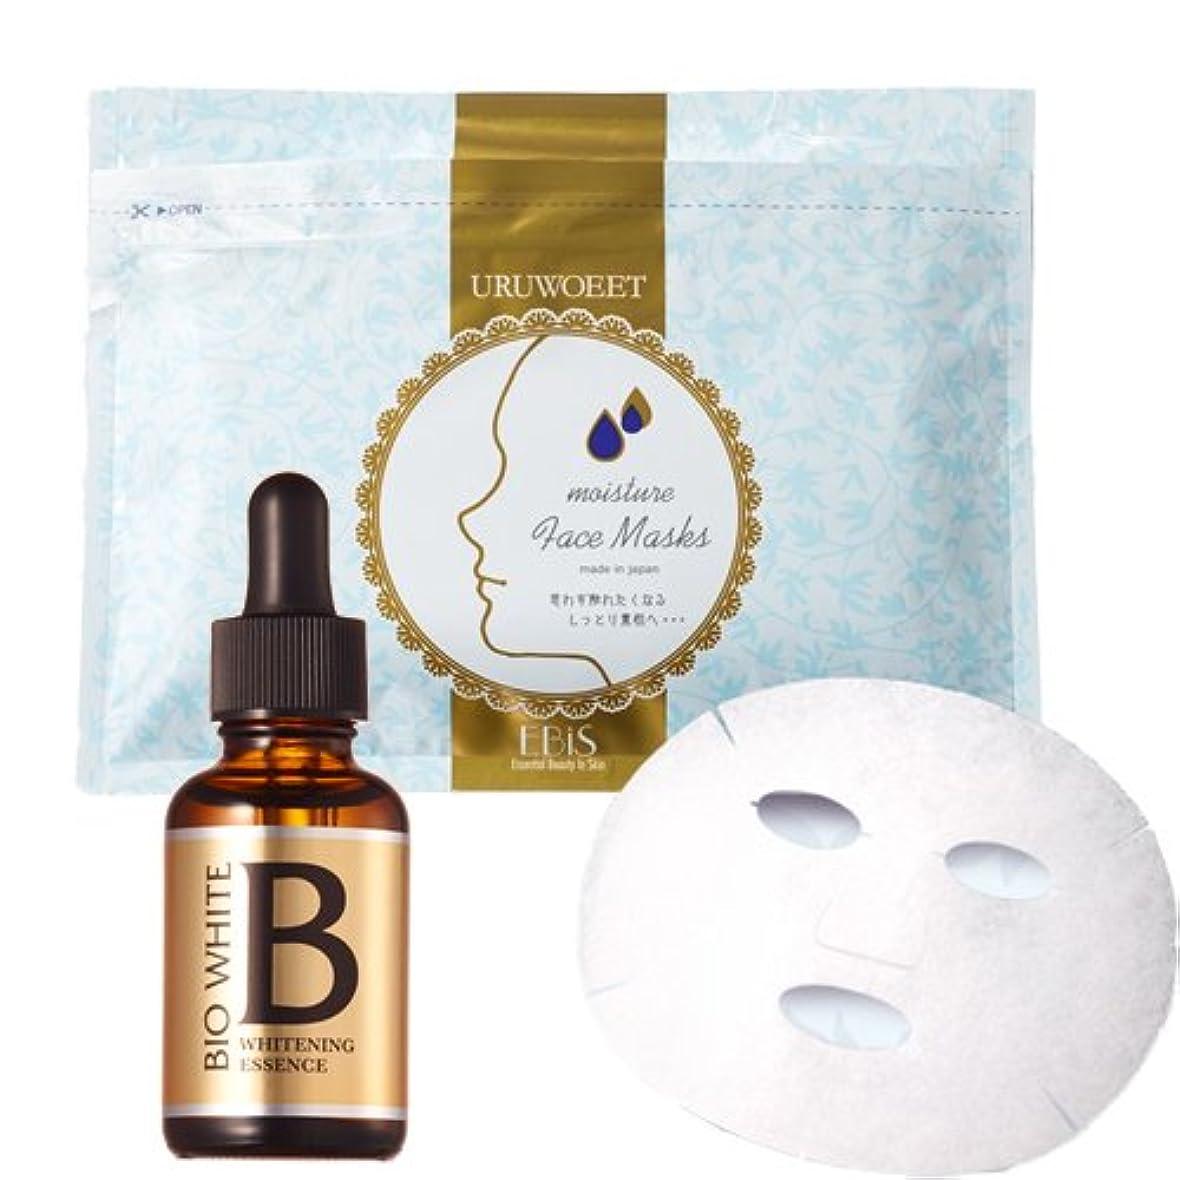 本定刻登録するエビス化粧品(EBiS) 潤い美白セット(エビス ビーホワイト10ml+ウルオイートN36枚)